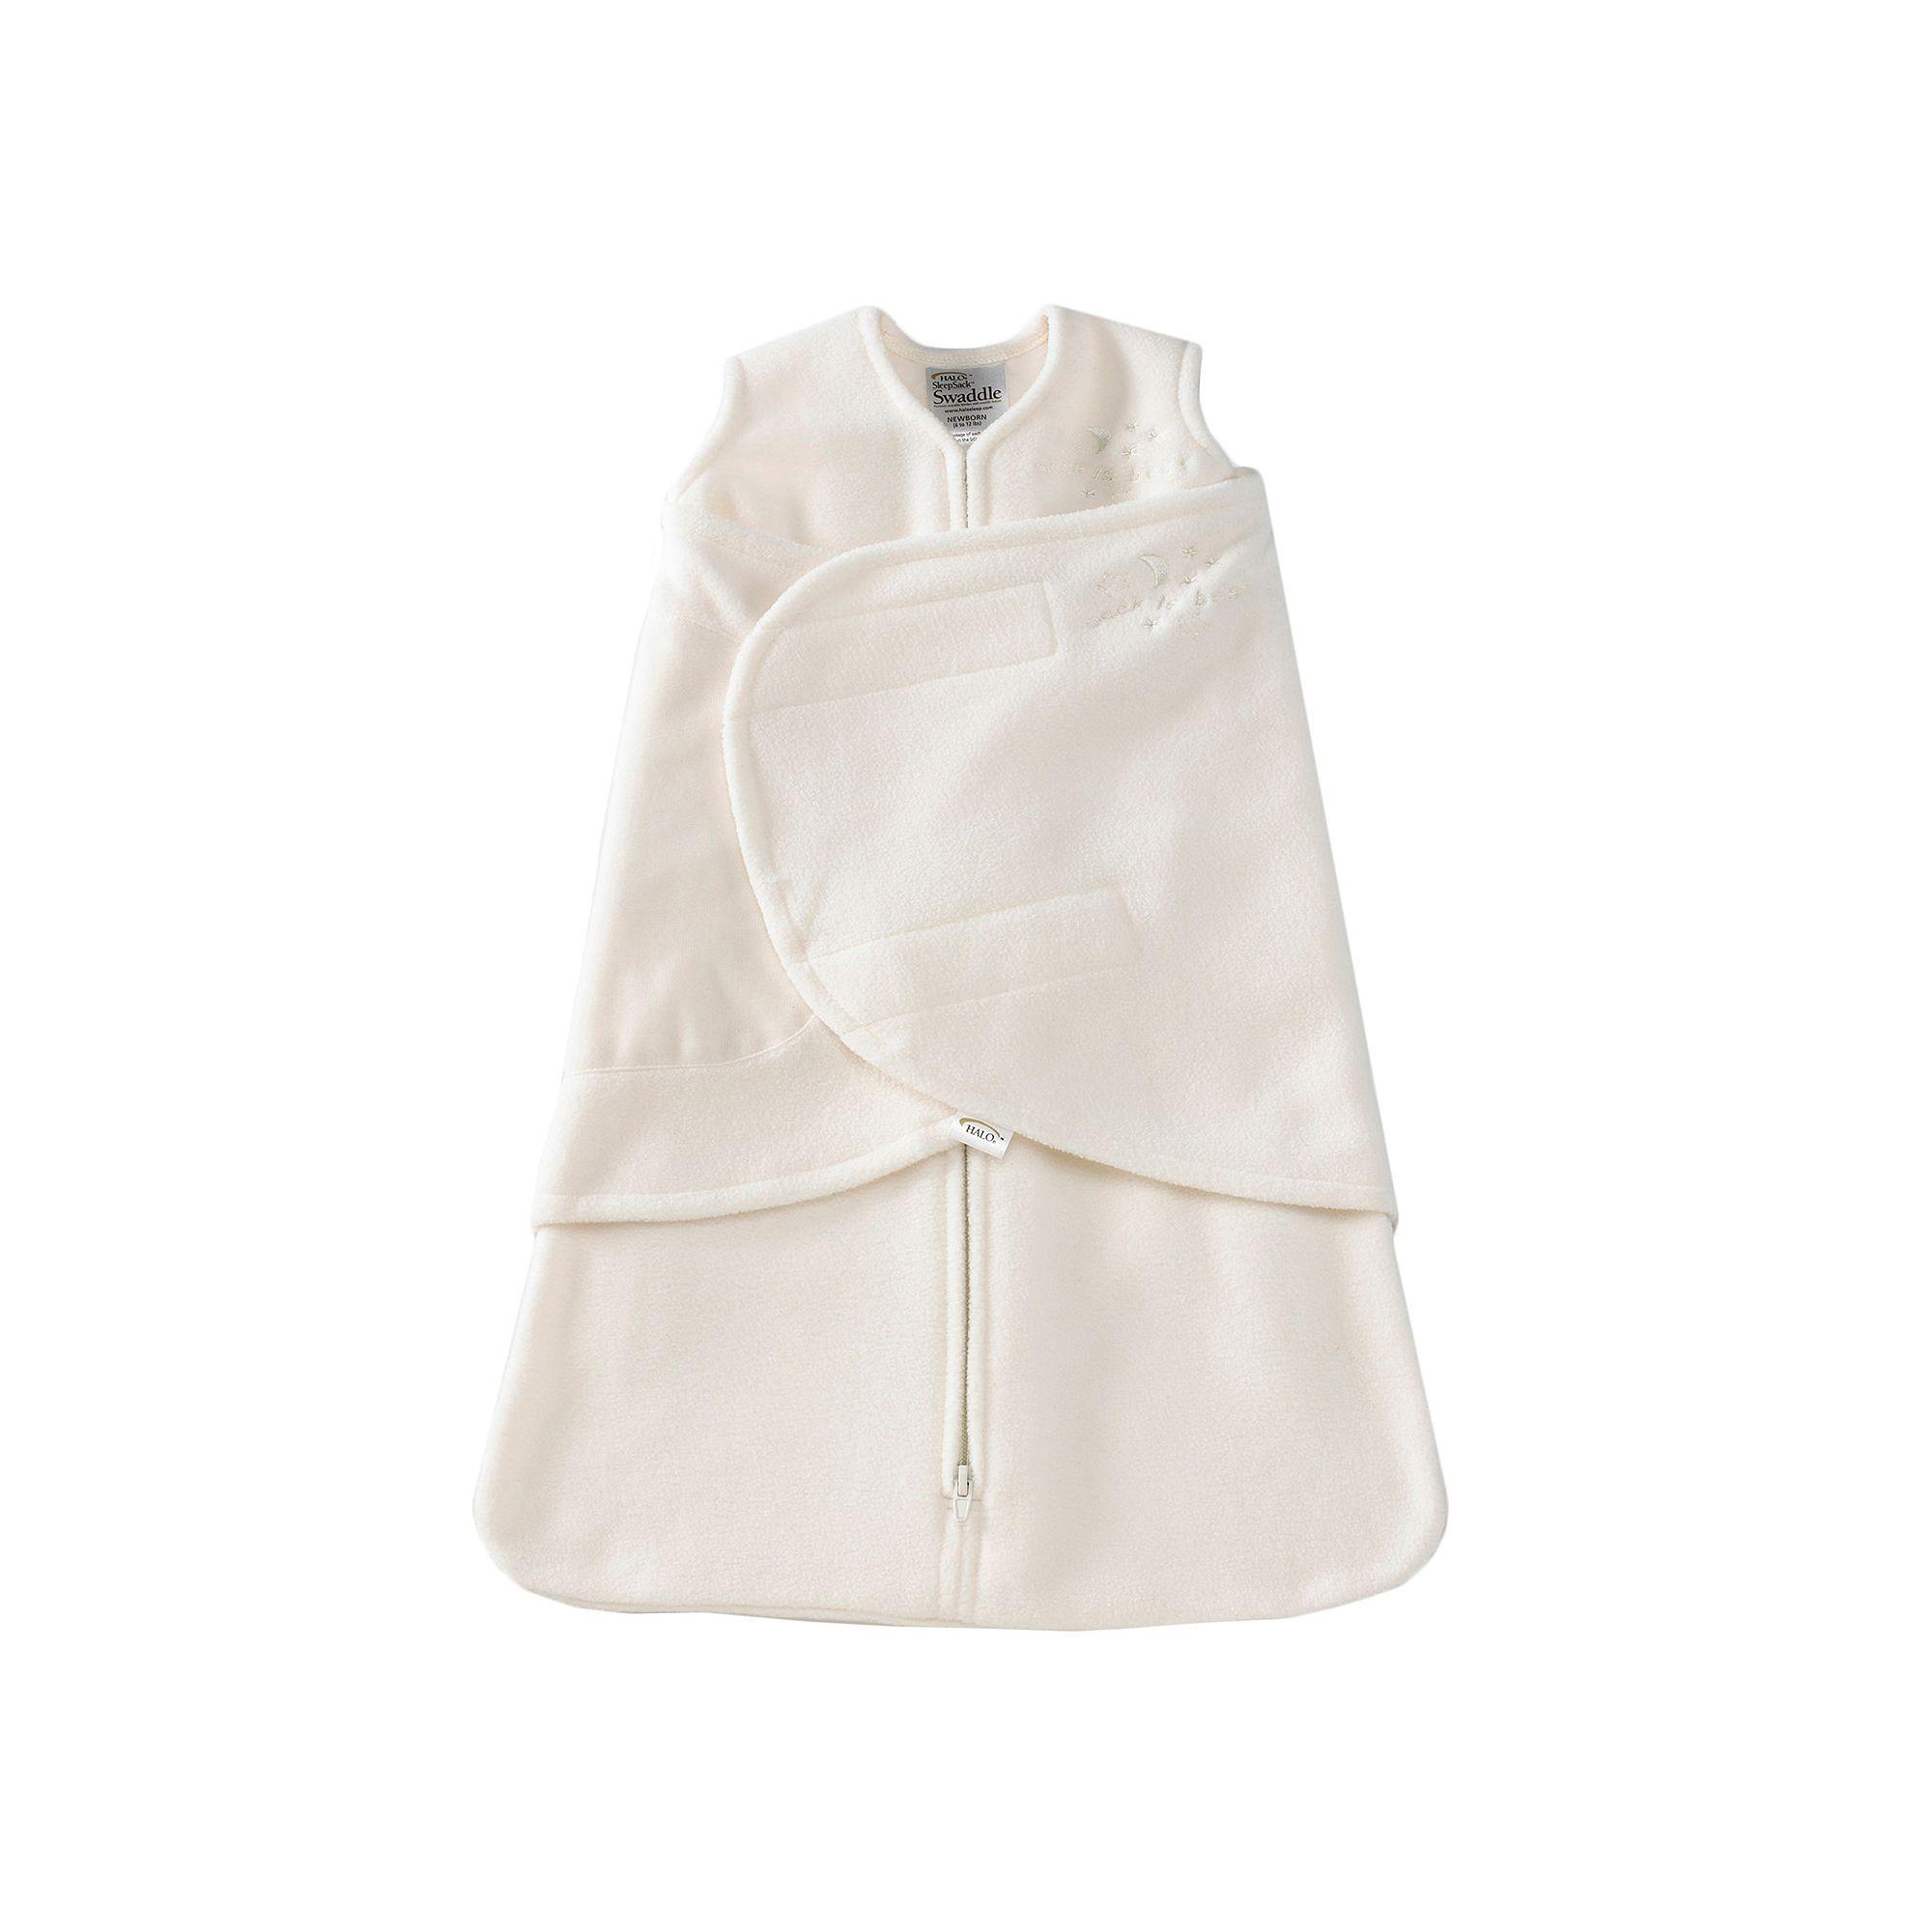 Halo fleece sleepsack swaddle sleep sack swaddle halo